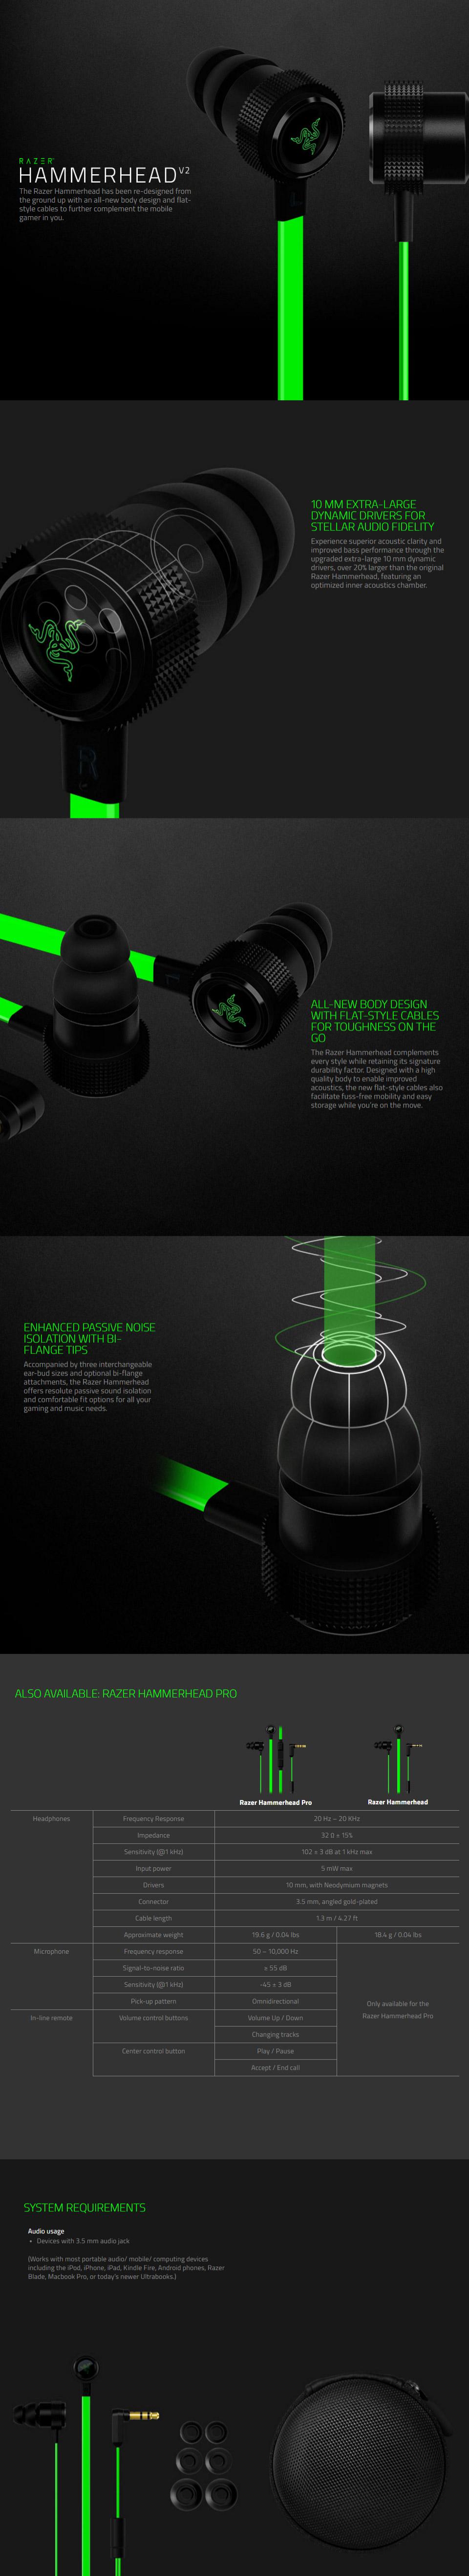 Razer Hammerhead V2 Analog In-Ear Headset